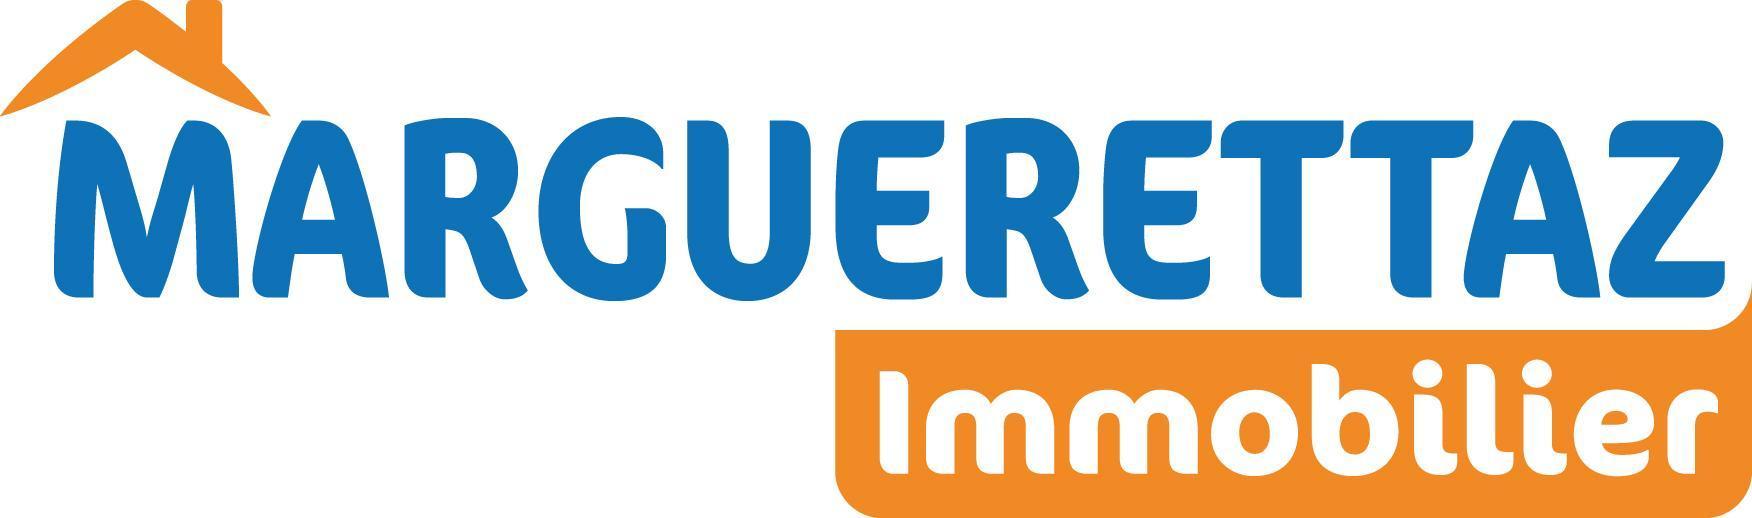 Marguerettaz Immobilier agence immobilière La Tour (74250)